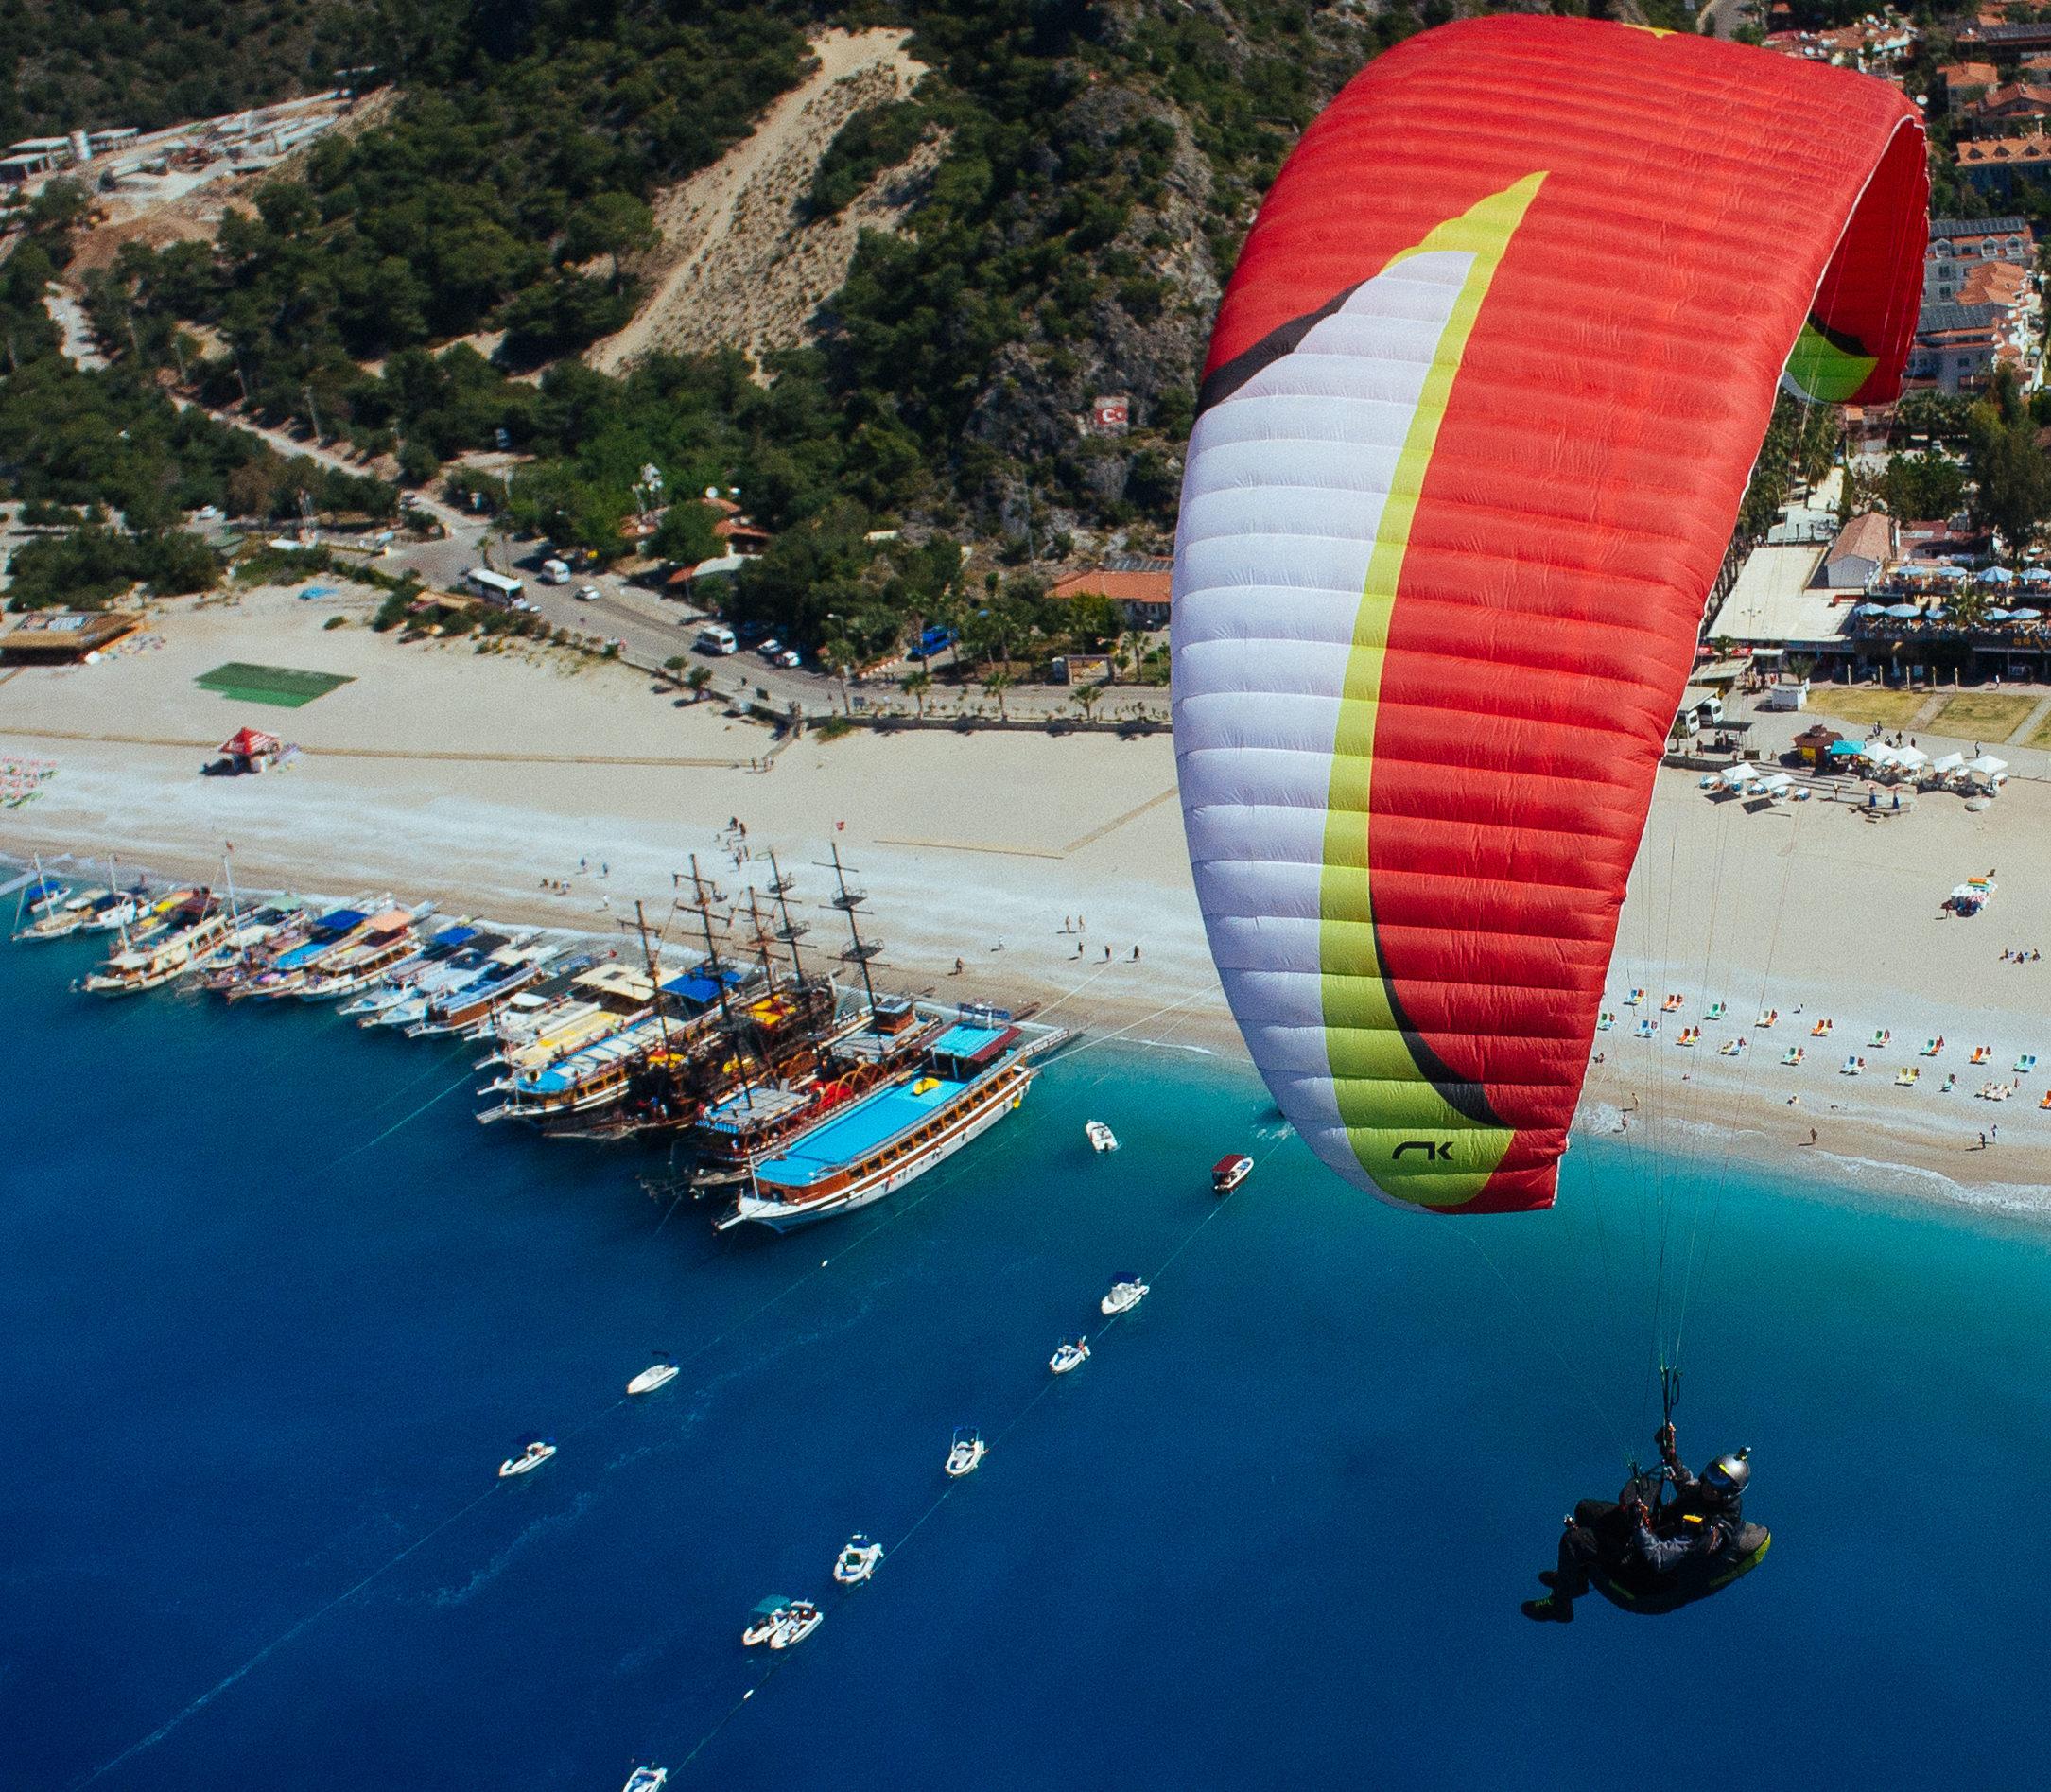 Полеты на параплане в Турции, Олюдениз, СИВ курс